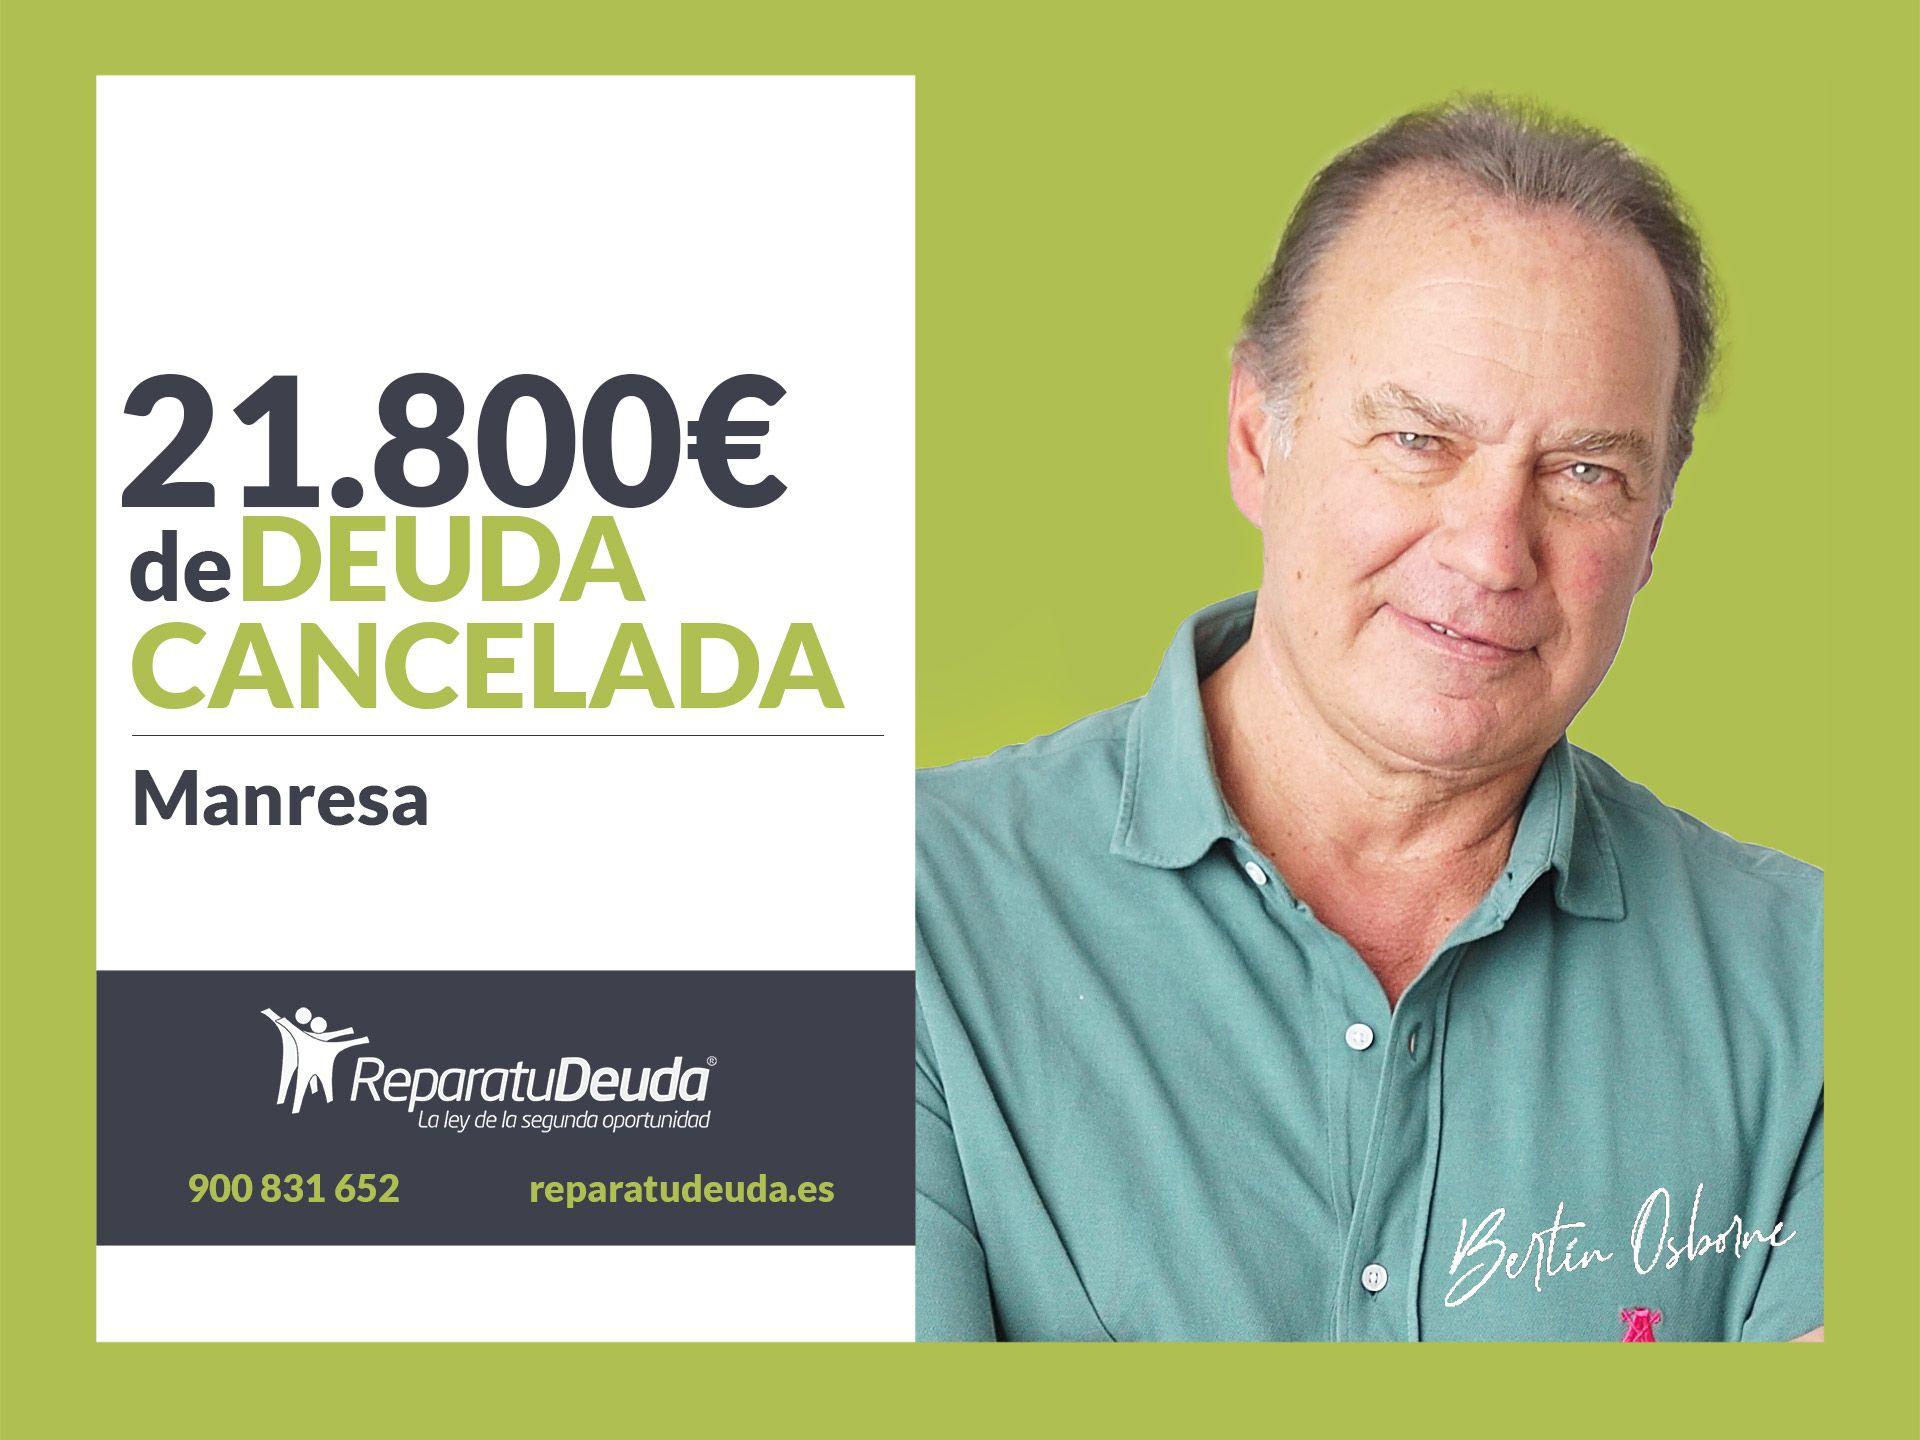 Repara tu Deuda abogados cancela 21.800 ? en Manresa (Barcelona) con la Ley de Segunda Oportunidad